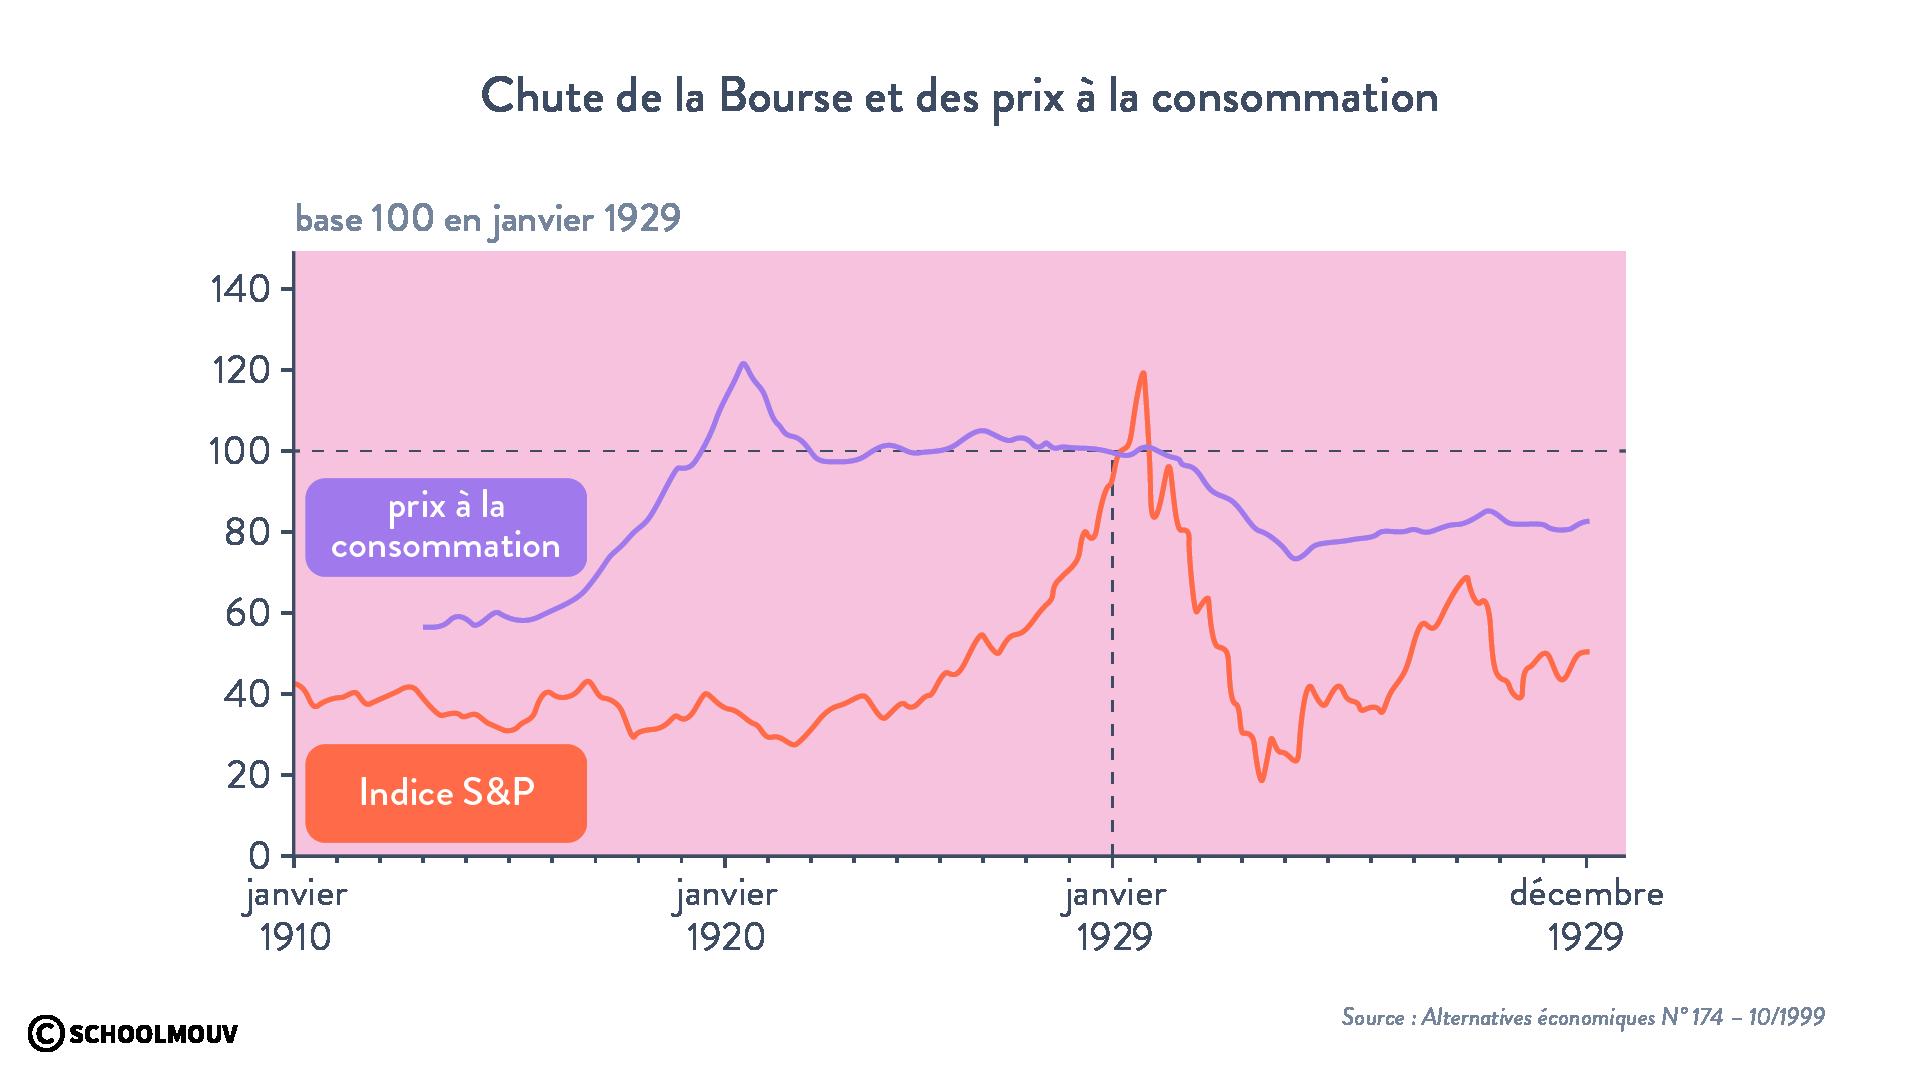 Chute de laBourse et des prix